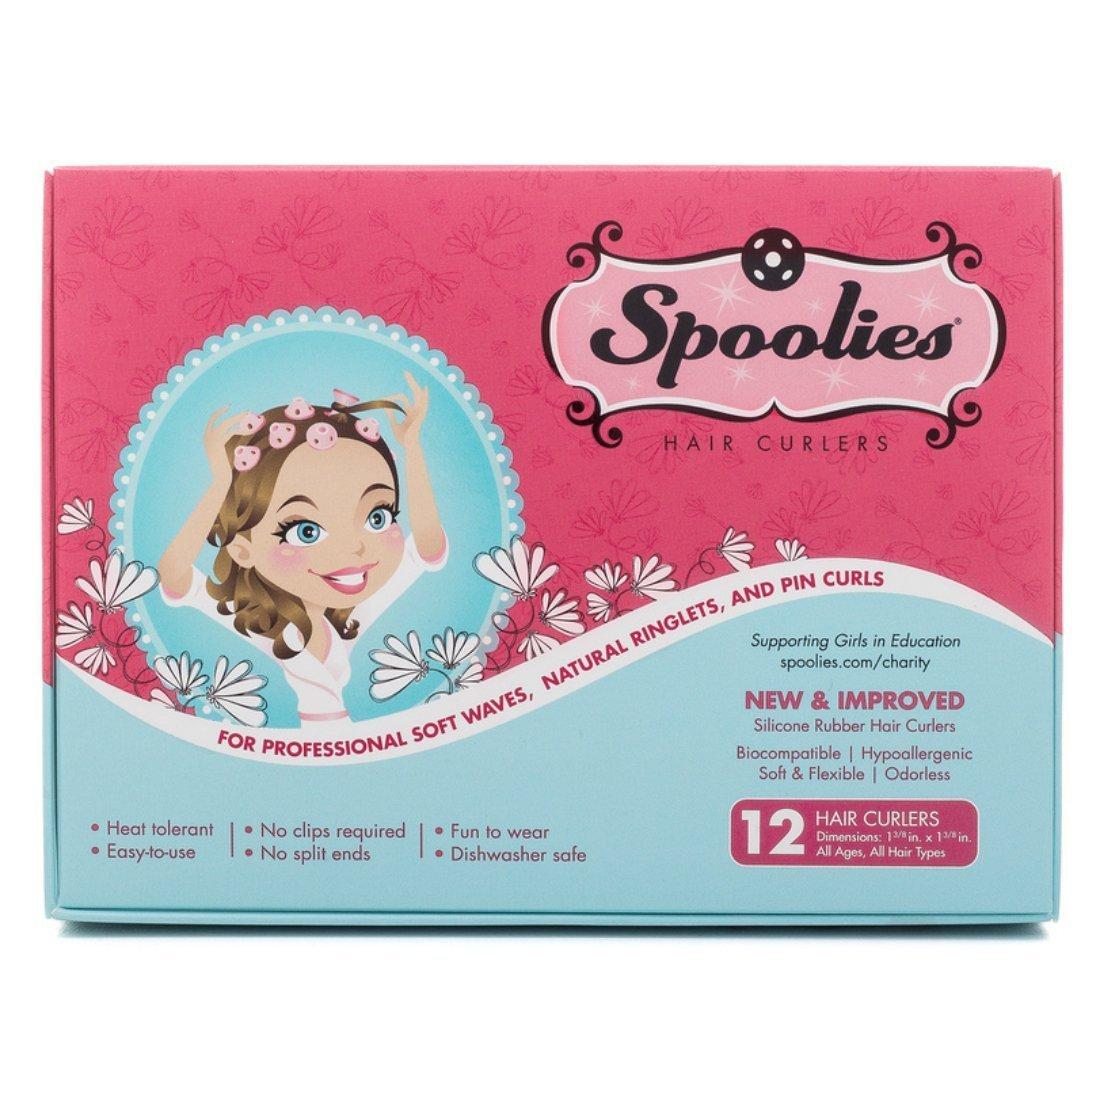 Spoolies Hair Curlers - 12 Count